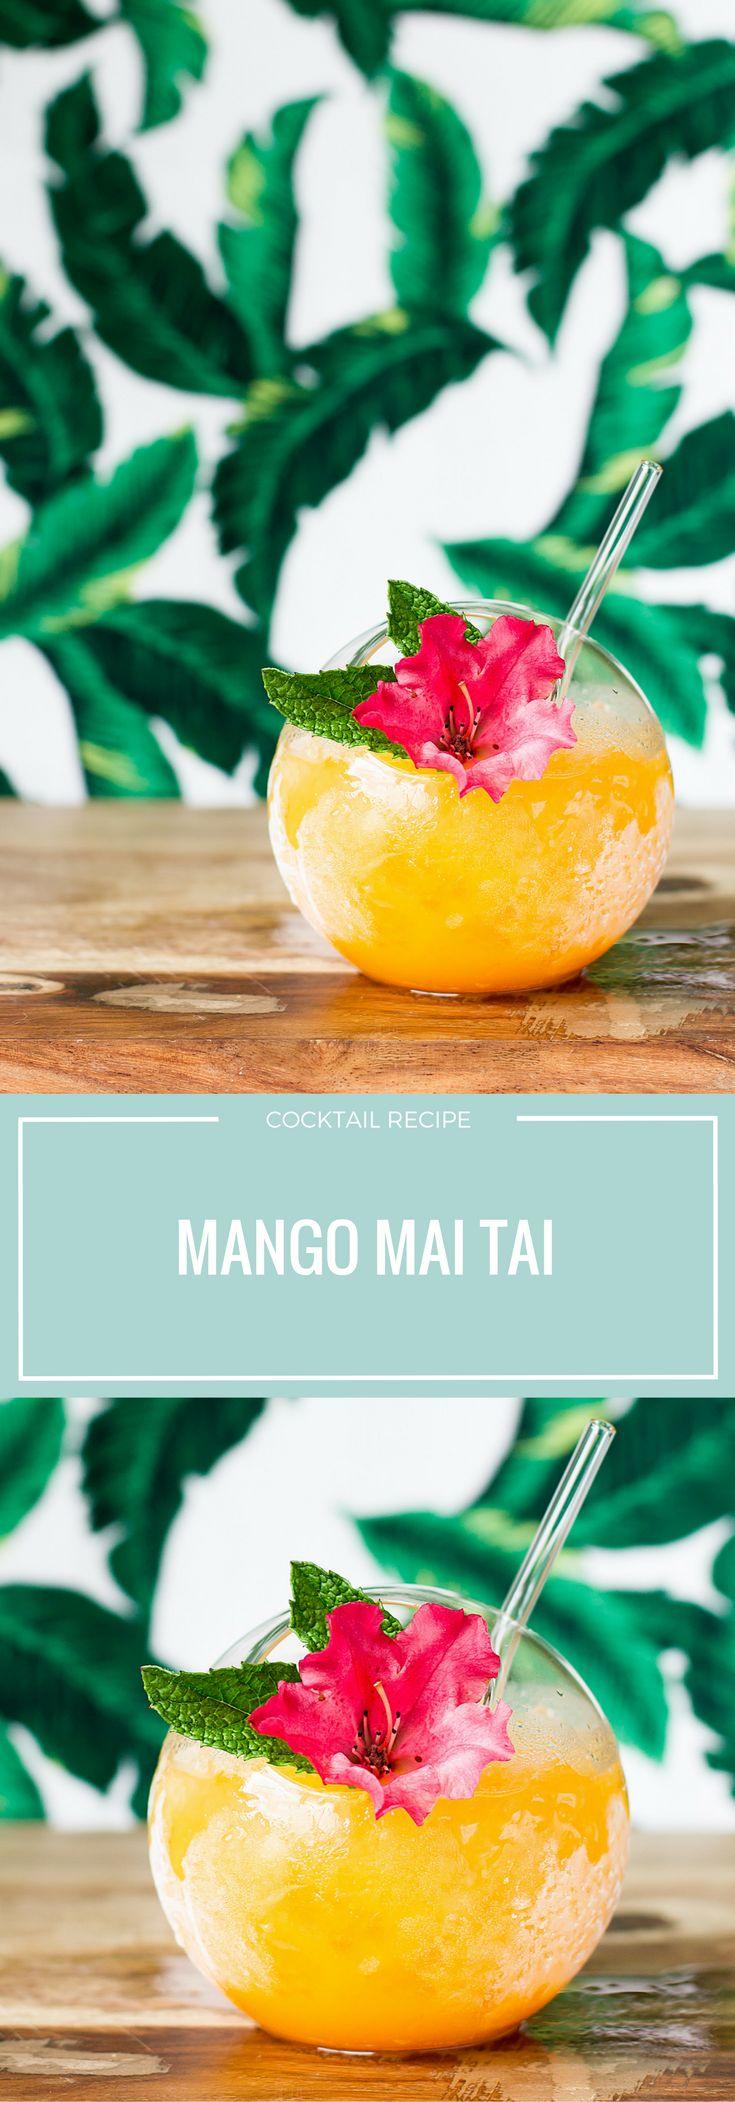 Mango Mai Tai Recipe   Tiki Drinks   Summer Cocktail   Rum   Tropical